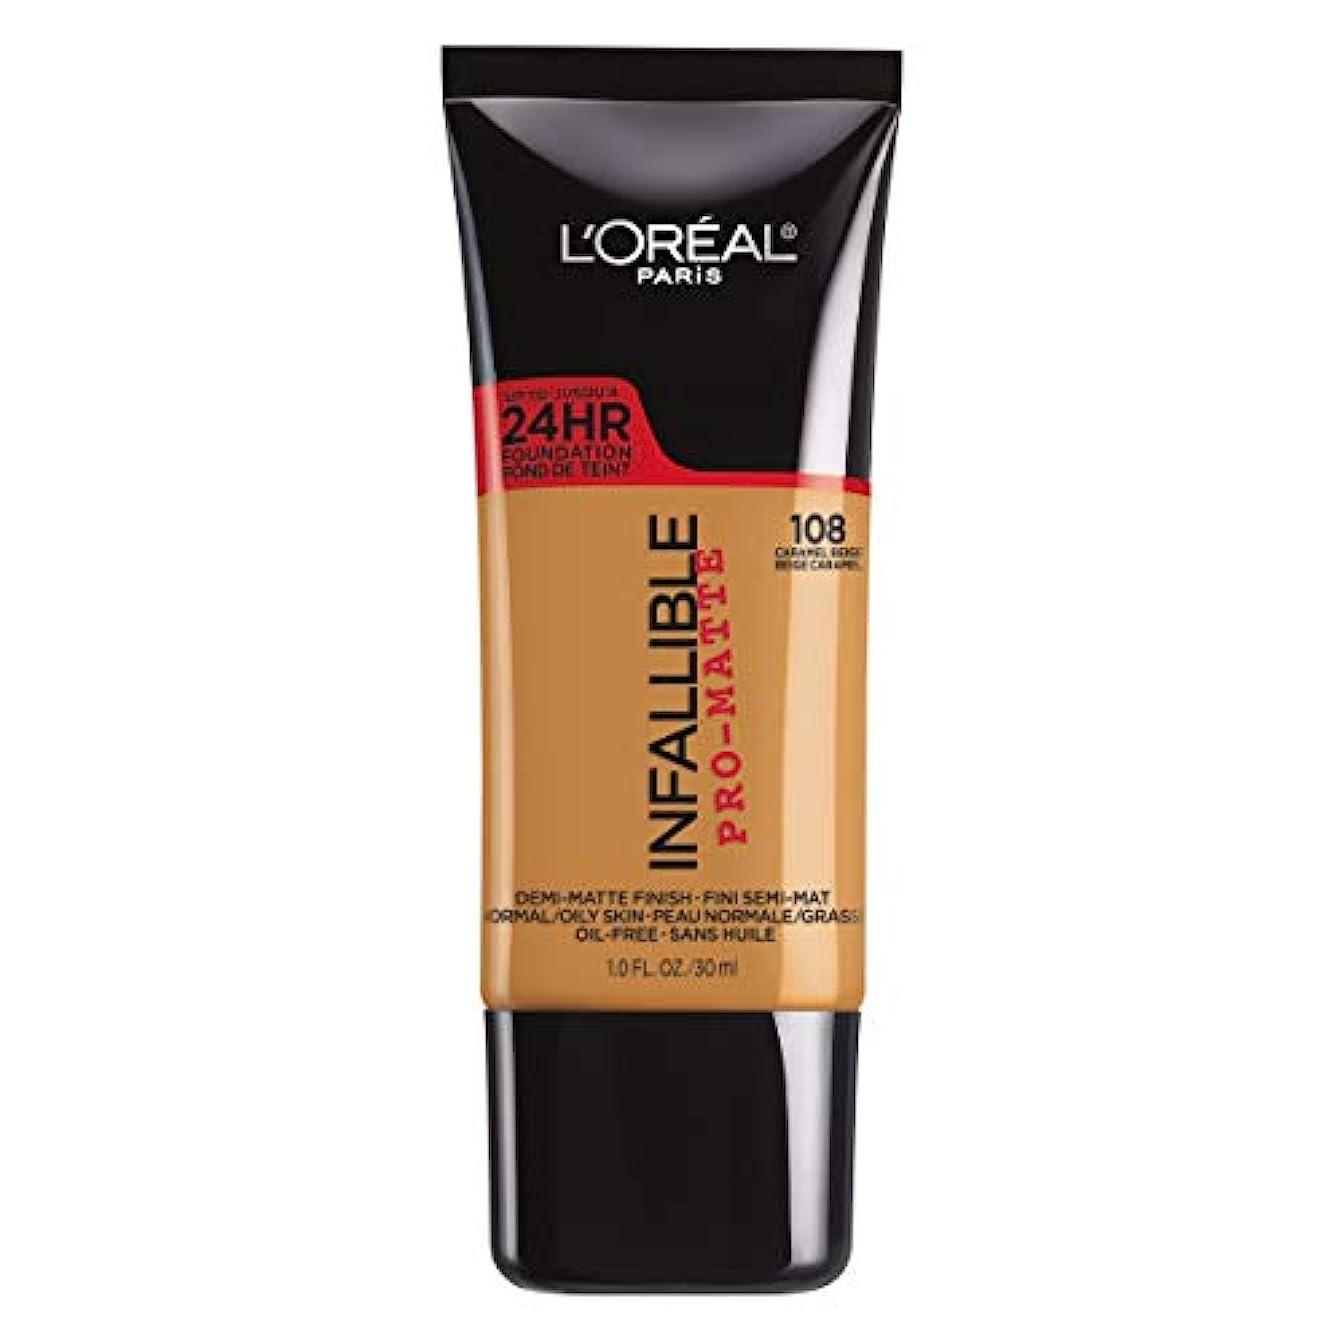 ミスペンド授業料組L'Oreal Paris Infallible Pro-Matte Foundation Makeup, 108 Caramel Beige, 1 fl. oz[並行輸入品]